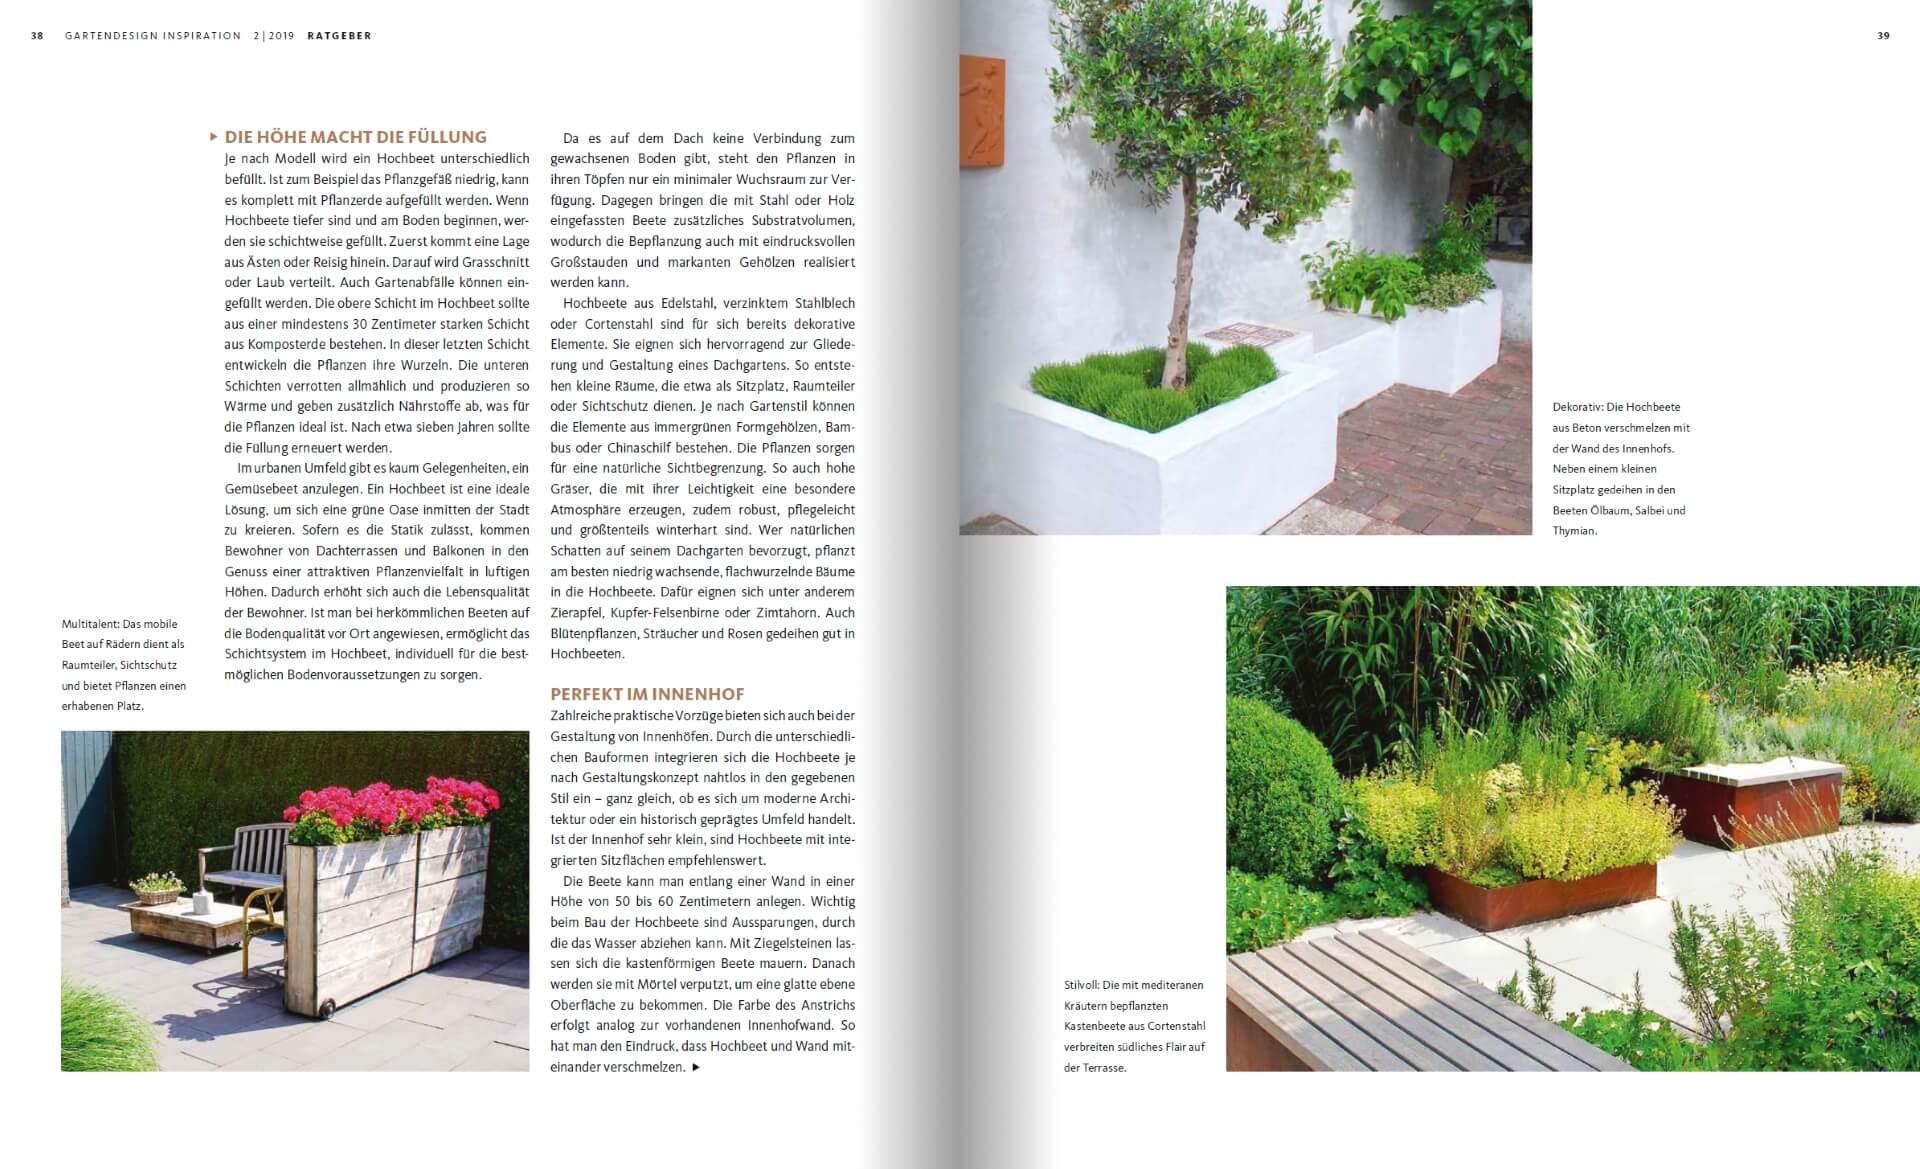 GARTENDESIGN INSPIRATION Ausgabe 2/2019: Gestaltung mit Hochbeeten